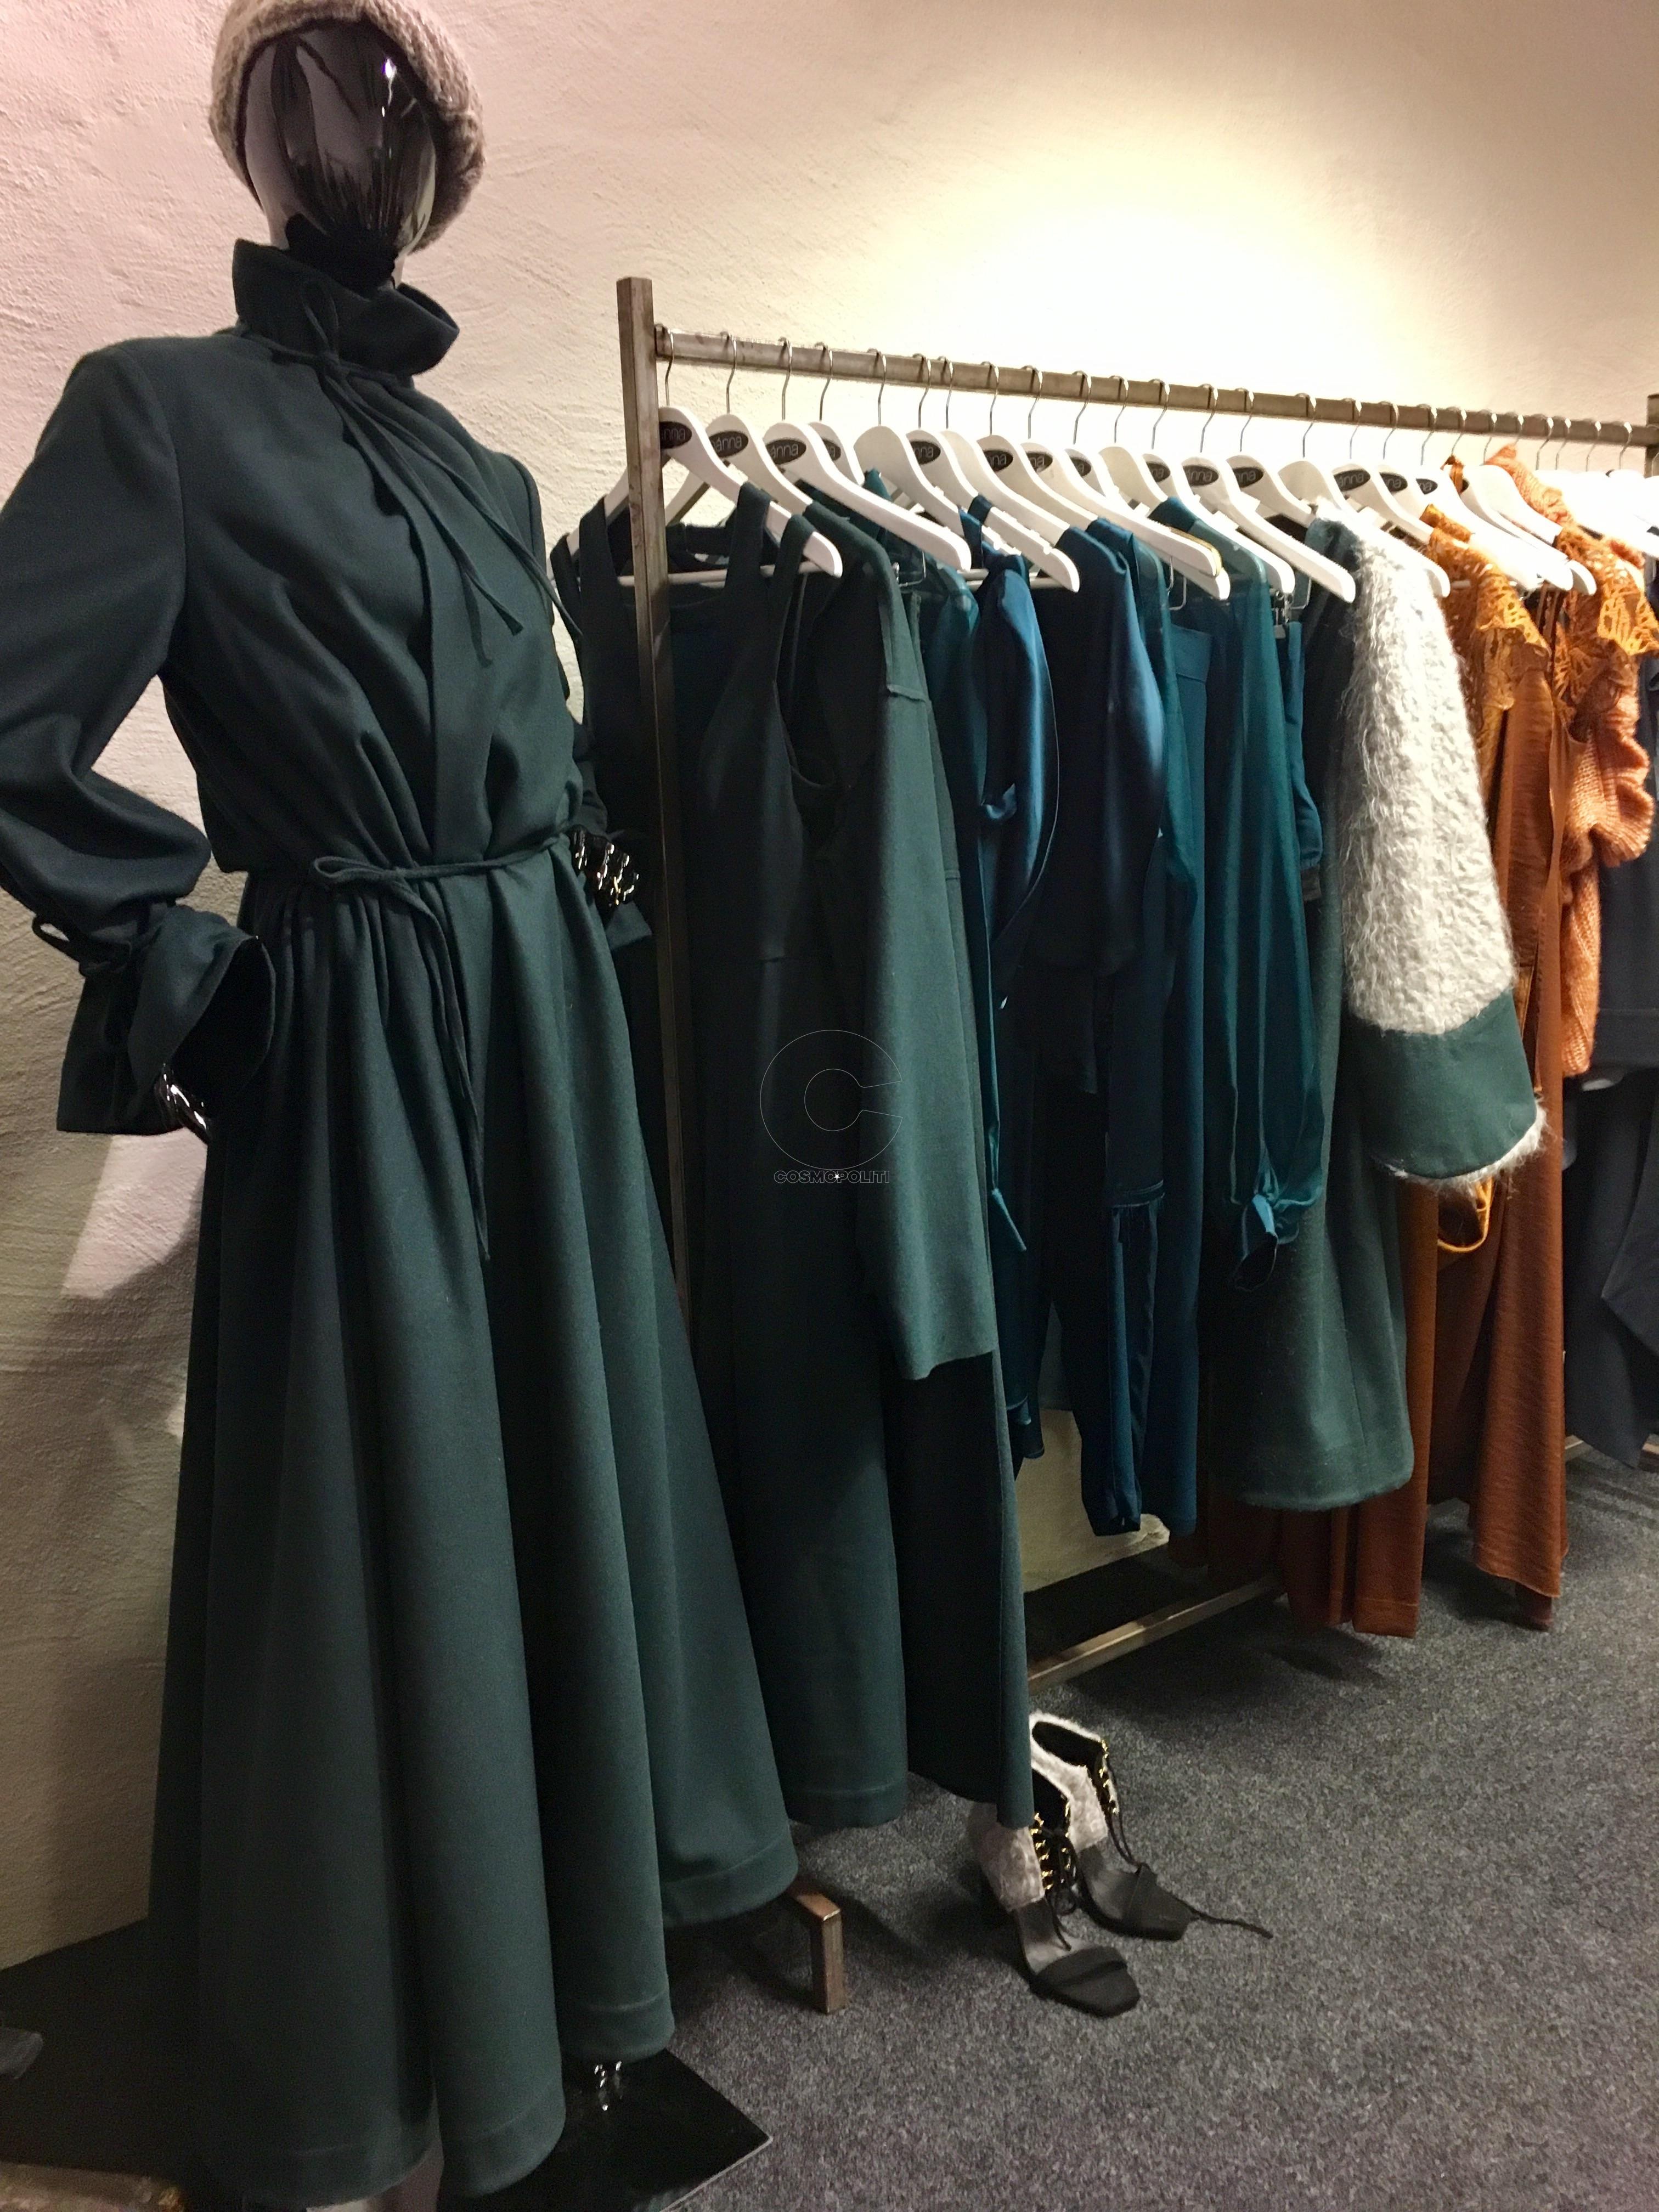 Ioanna Kourbela_Oslo store_2017 (1)